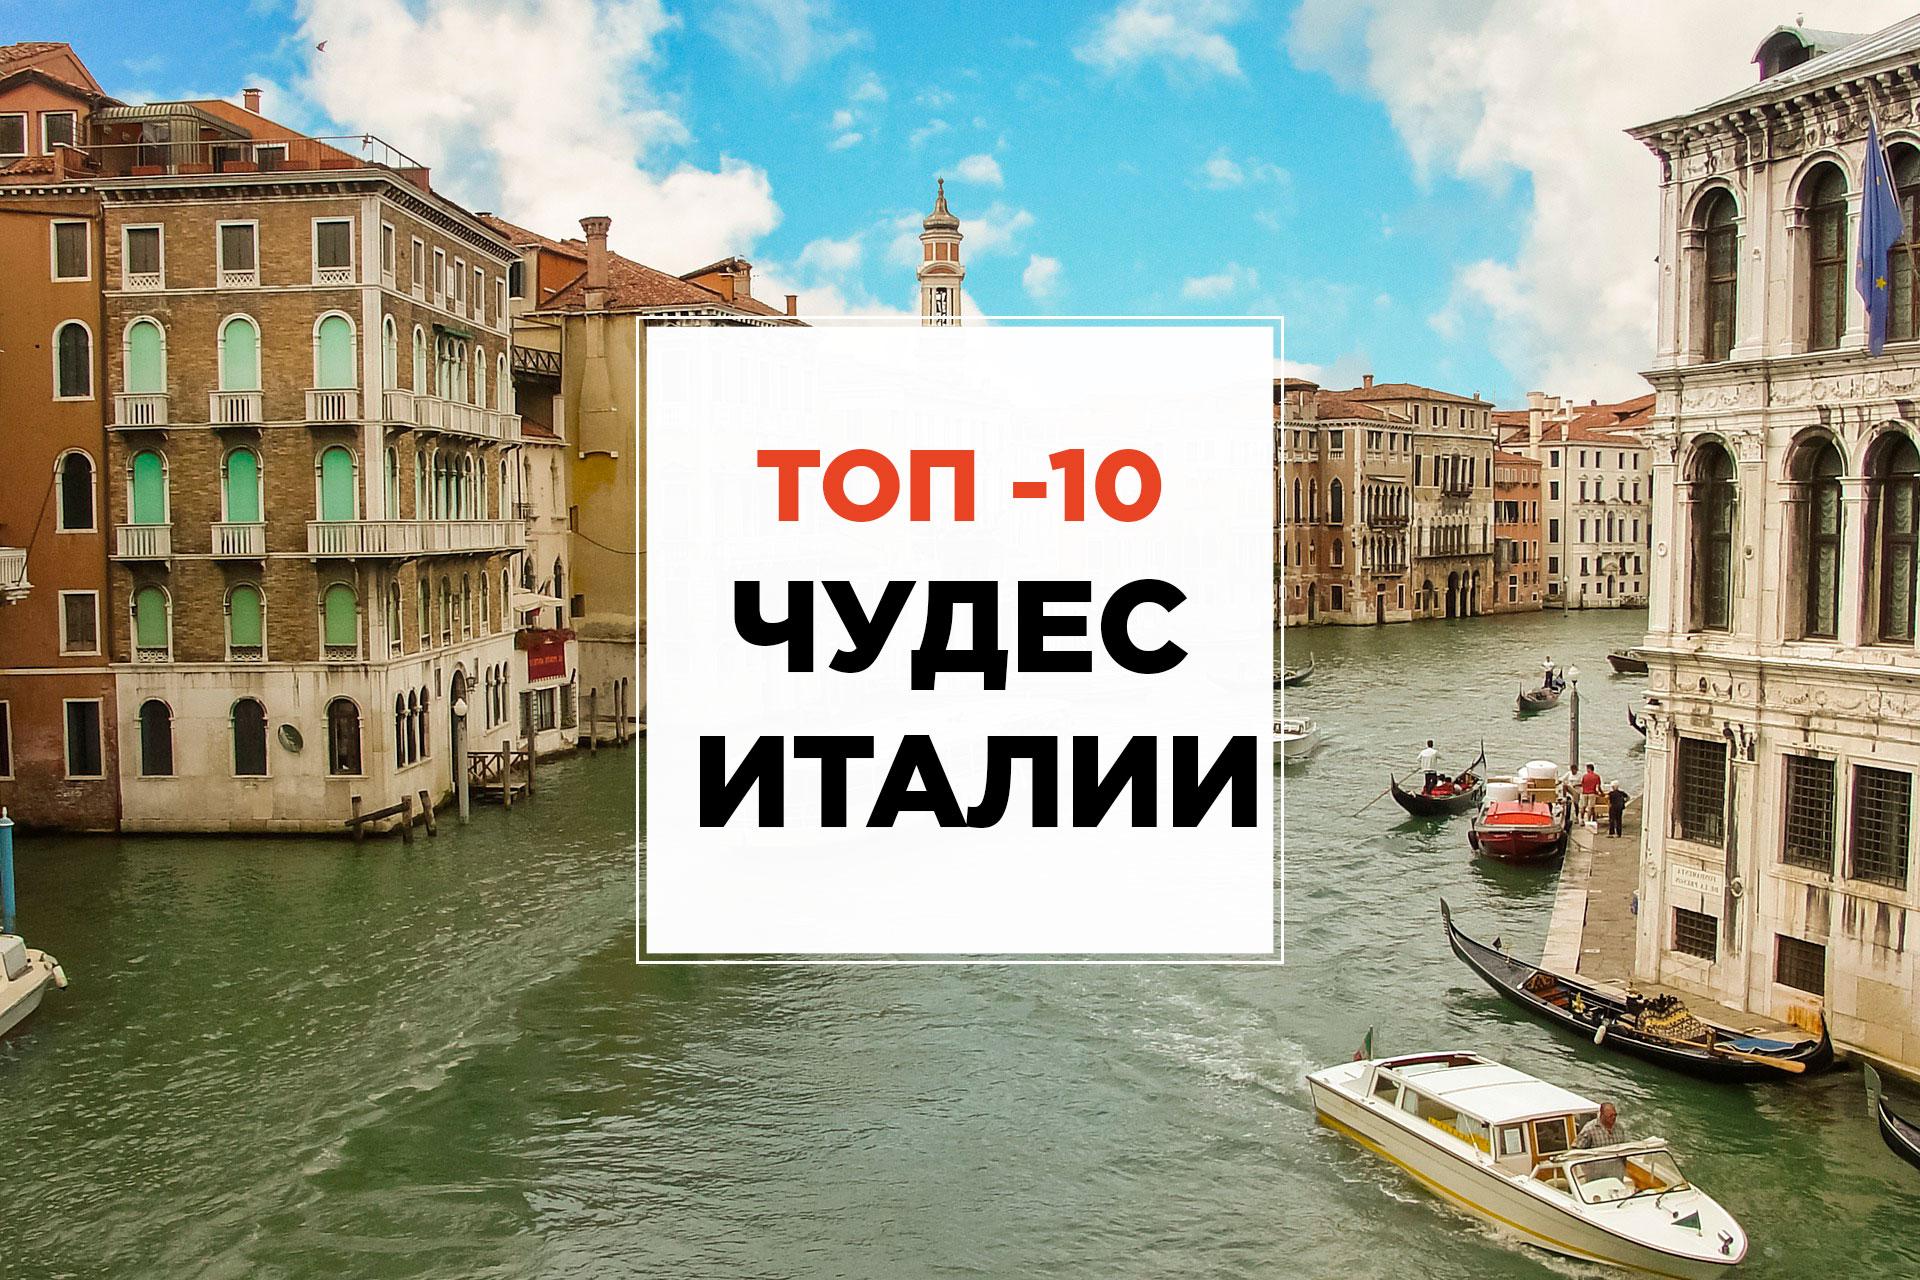 Достопримечательности Италии – лучшие 10 мест для туристов